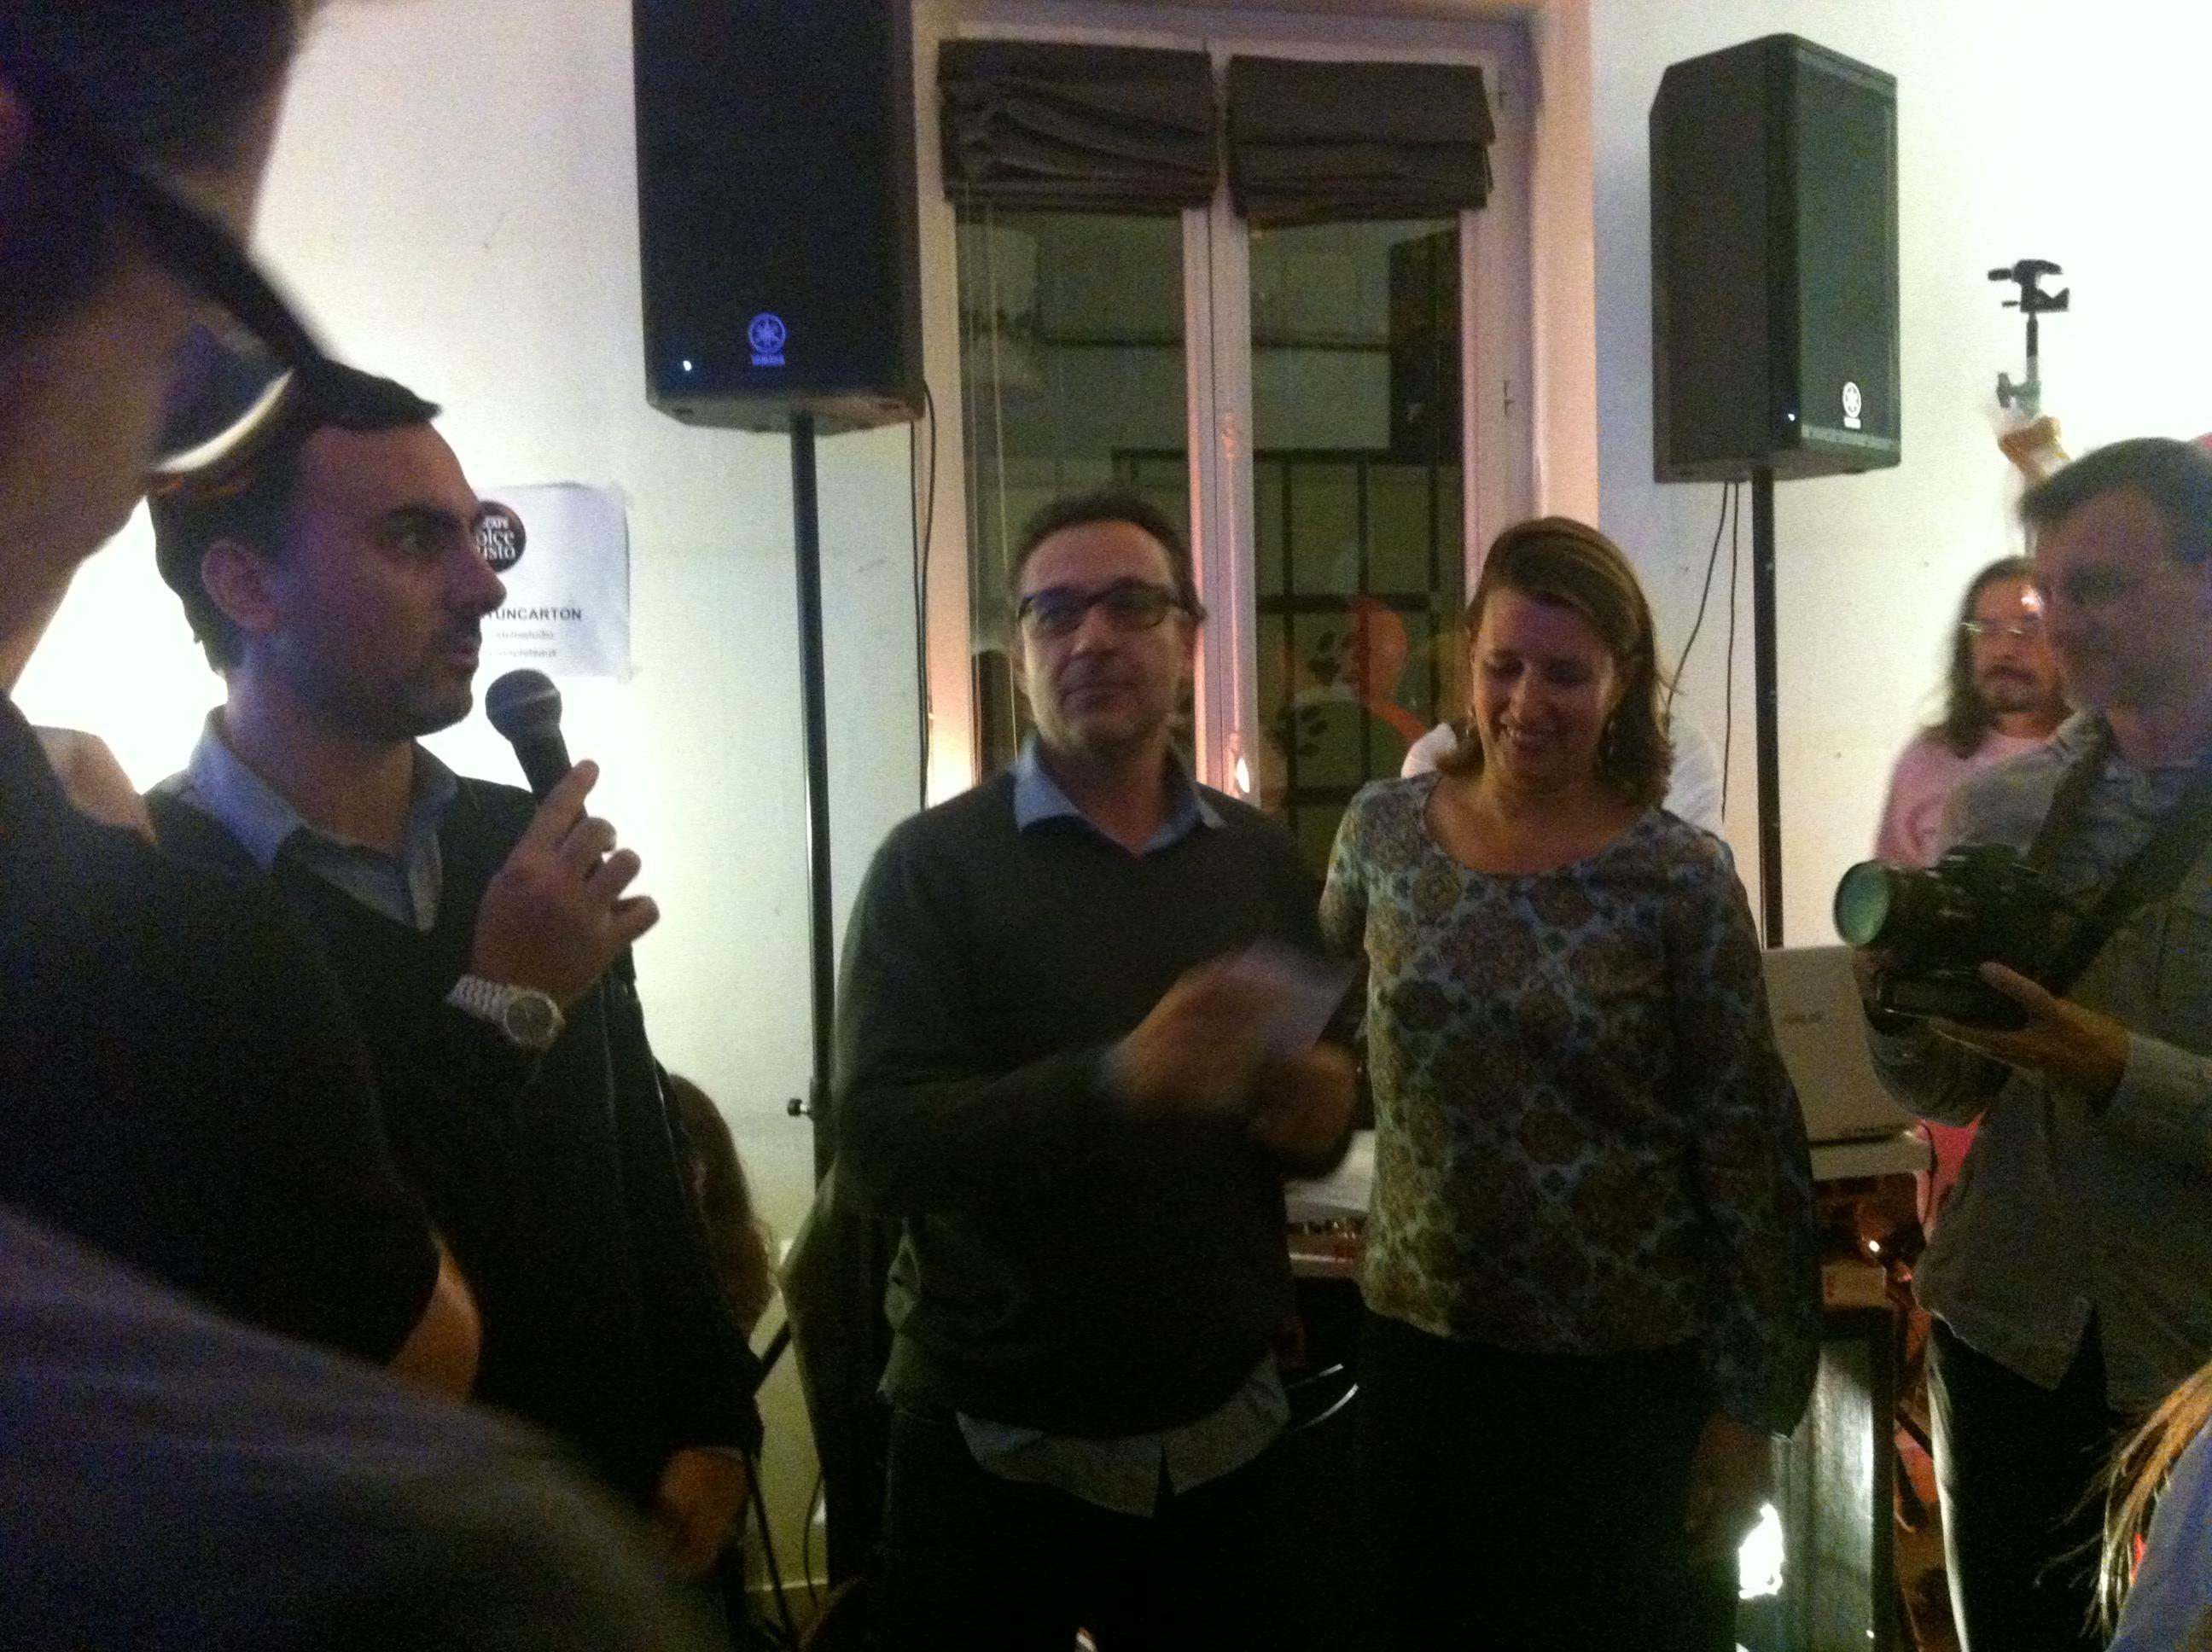 Dolce Gusto a organisé une crémaillère pour présenter sa nouvelle machine multi boisson, la Mini Me... Une soirée pleine de surprise pour une campagne décalée et anti-conformiste !